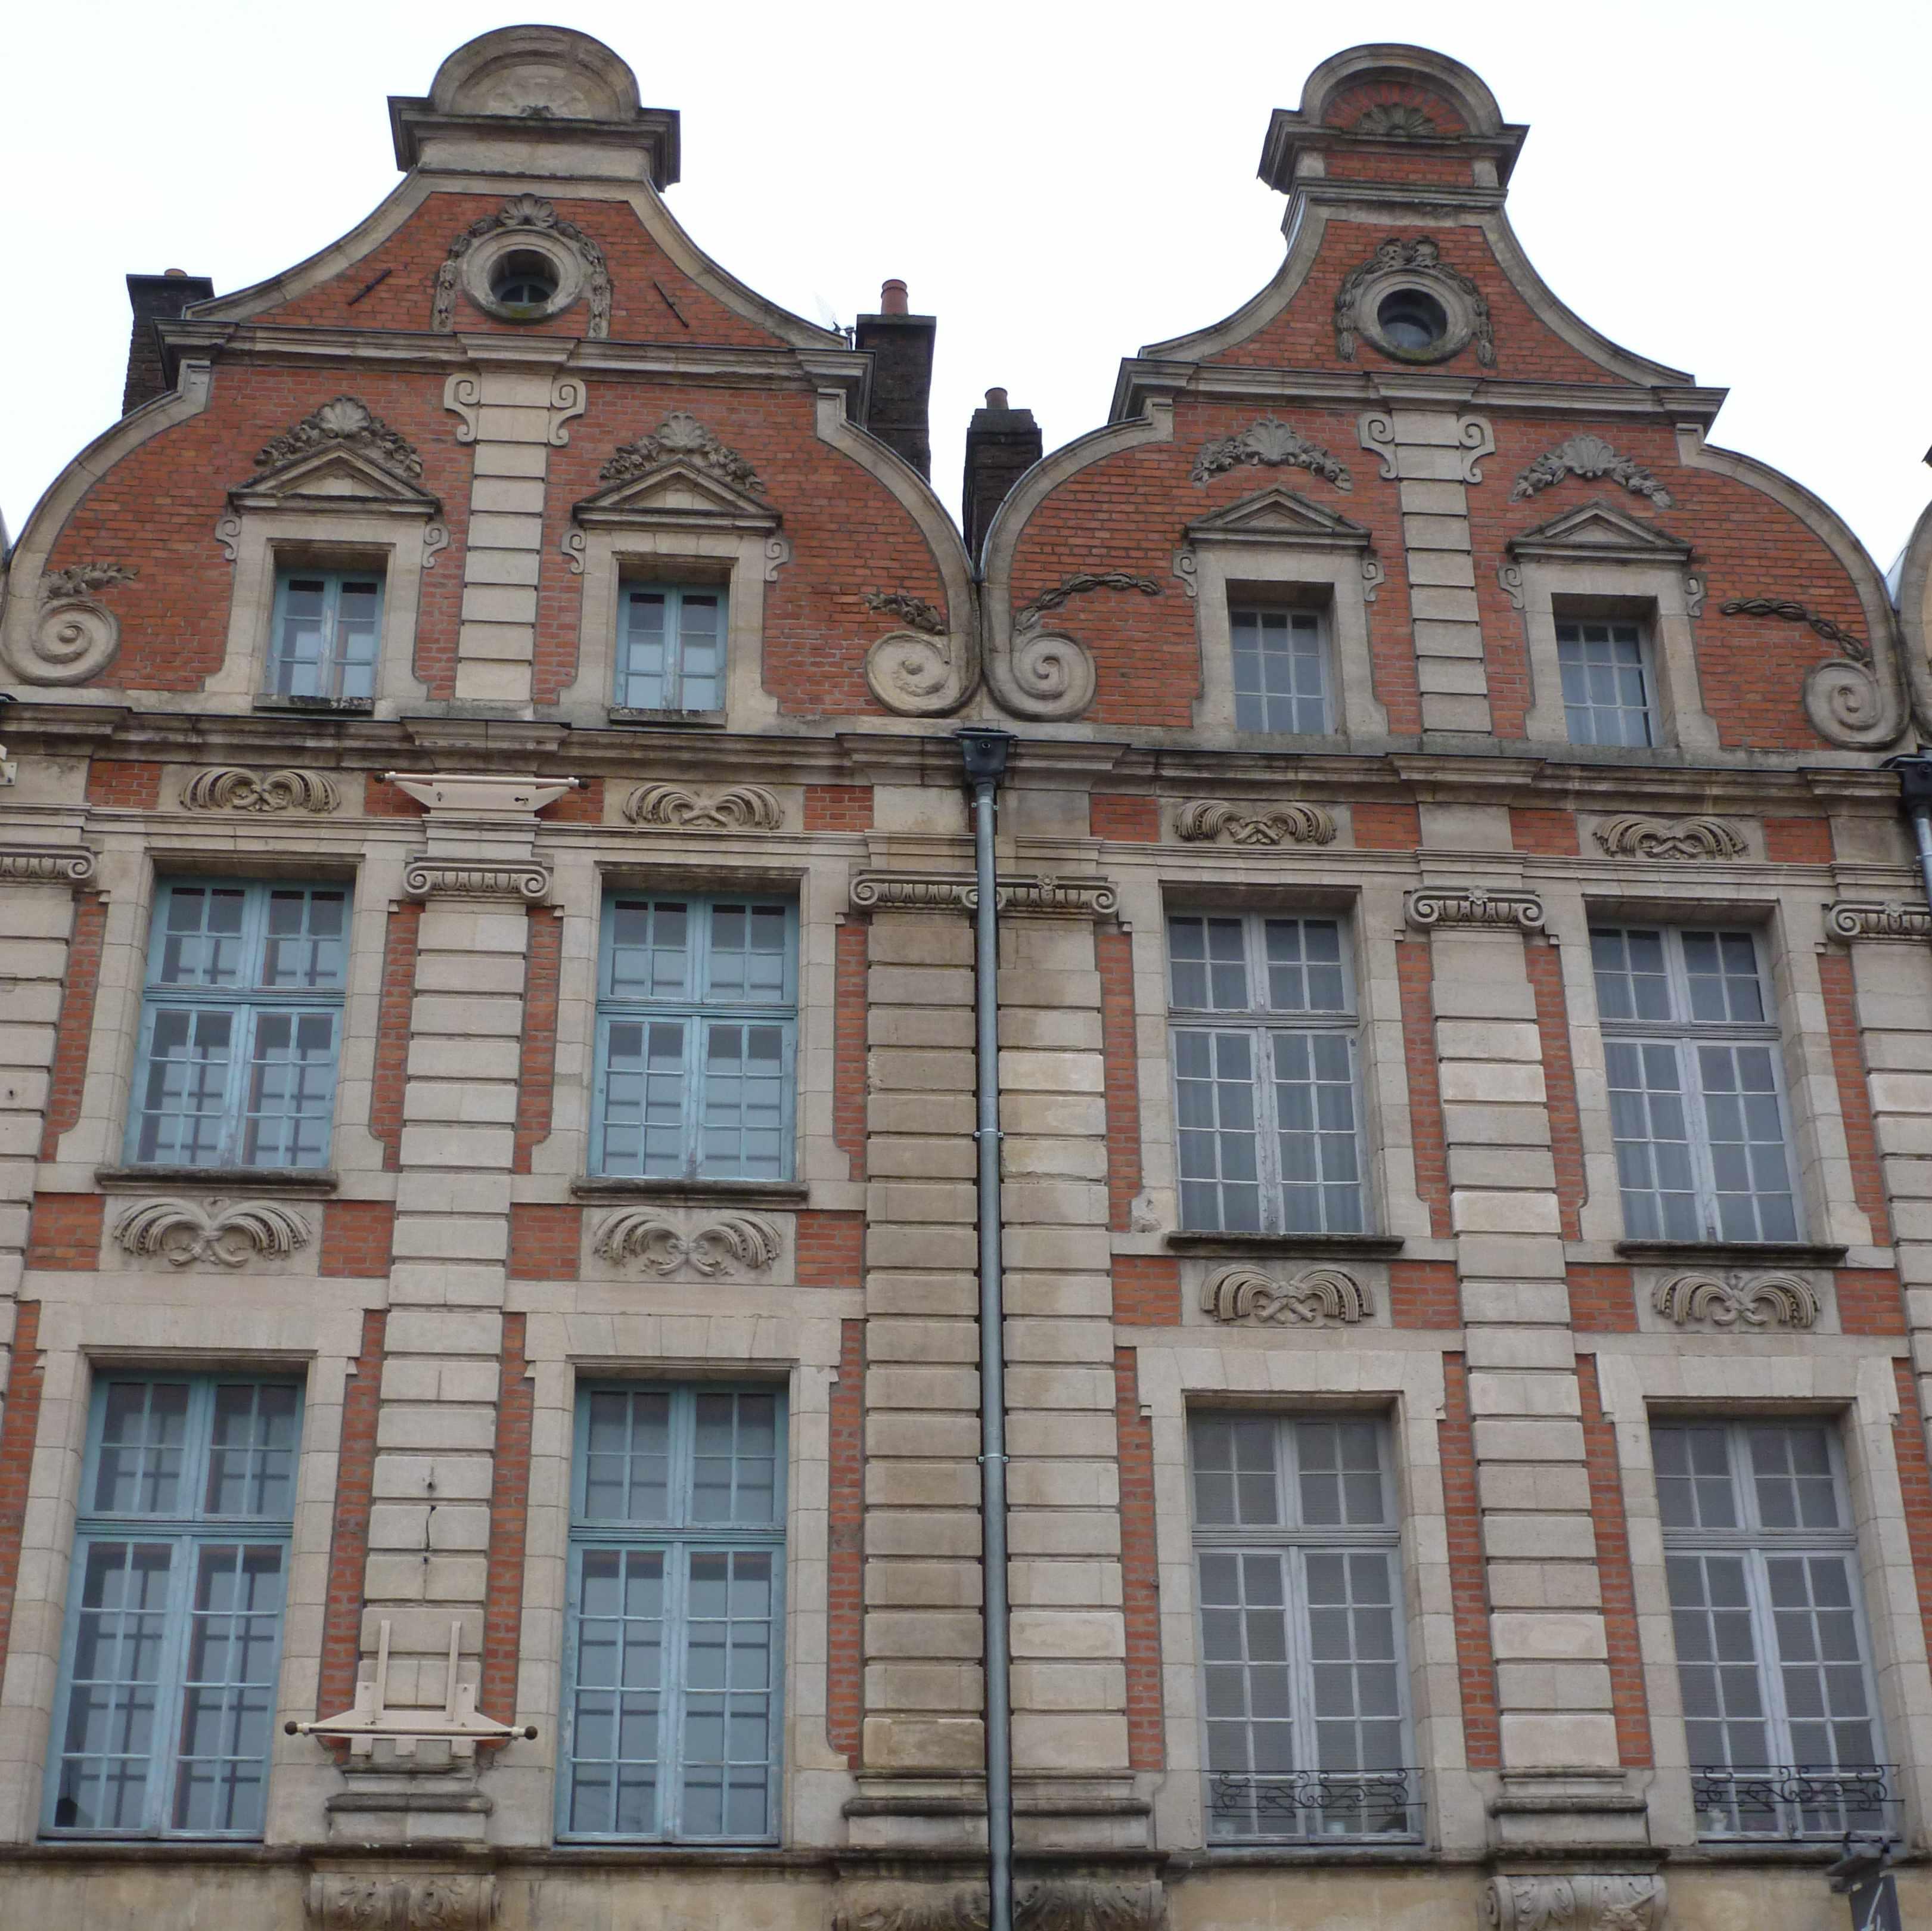 Maison brique pignon a volutes Arras place des heros 2012